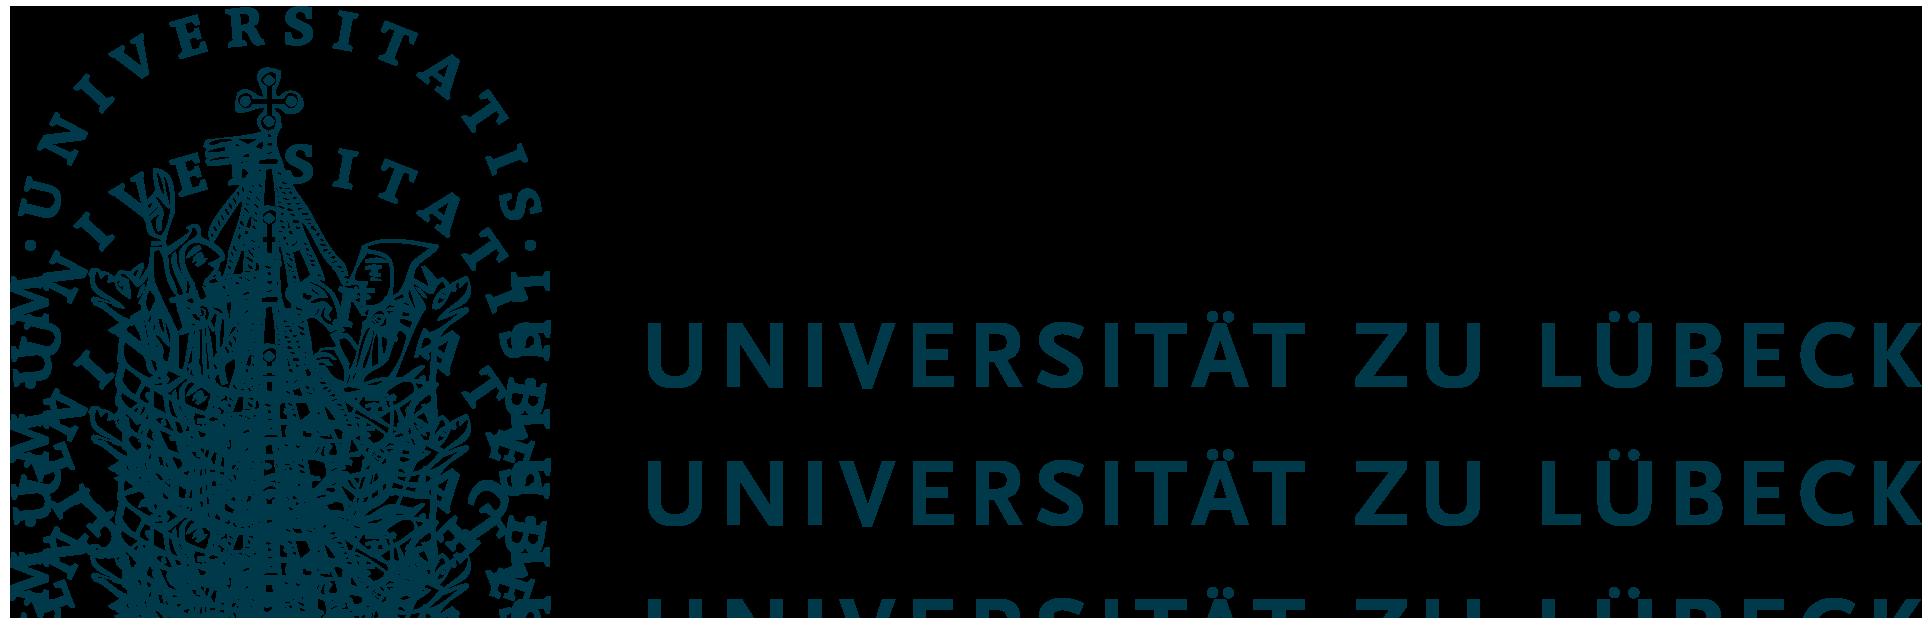 Wissenschaftliche/r Mitarbeiter/in - Universität zu Lübeck - logo